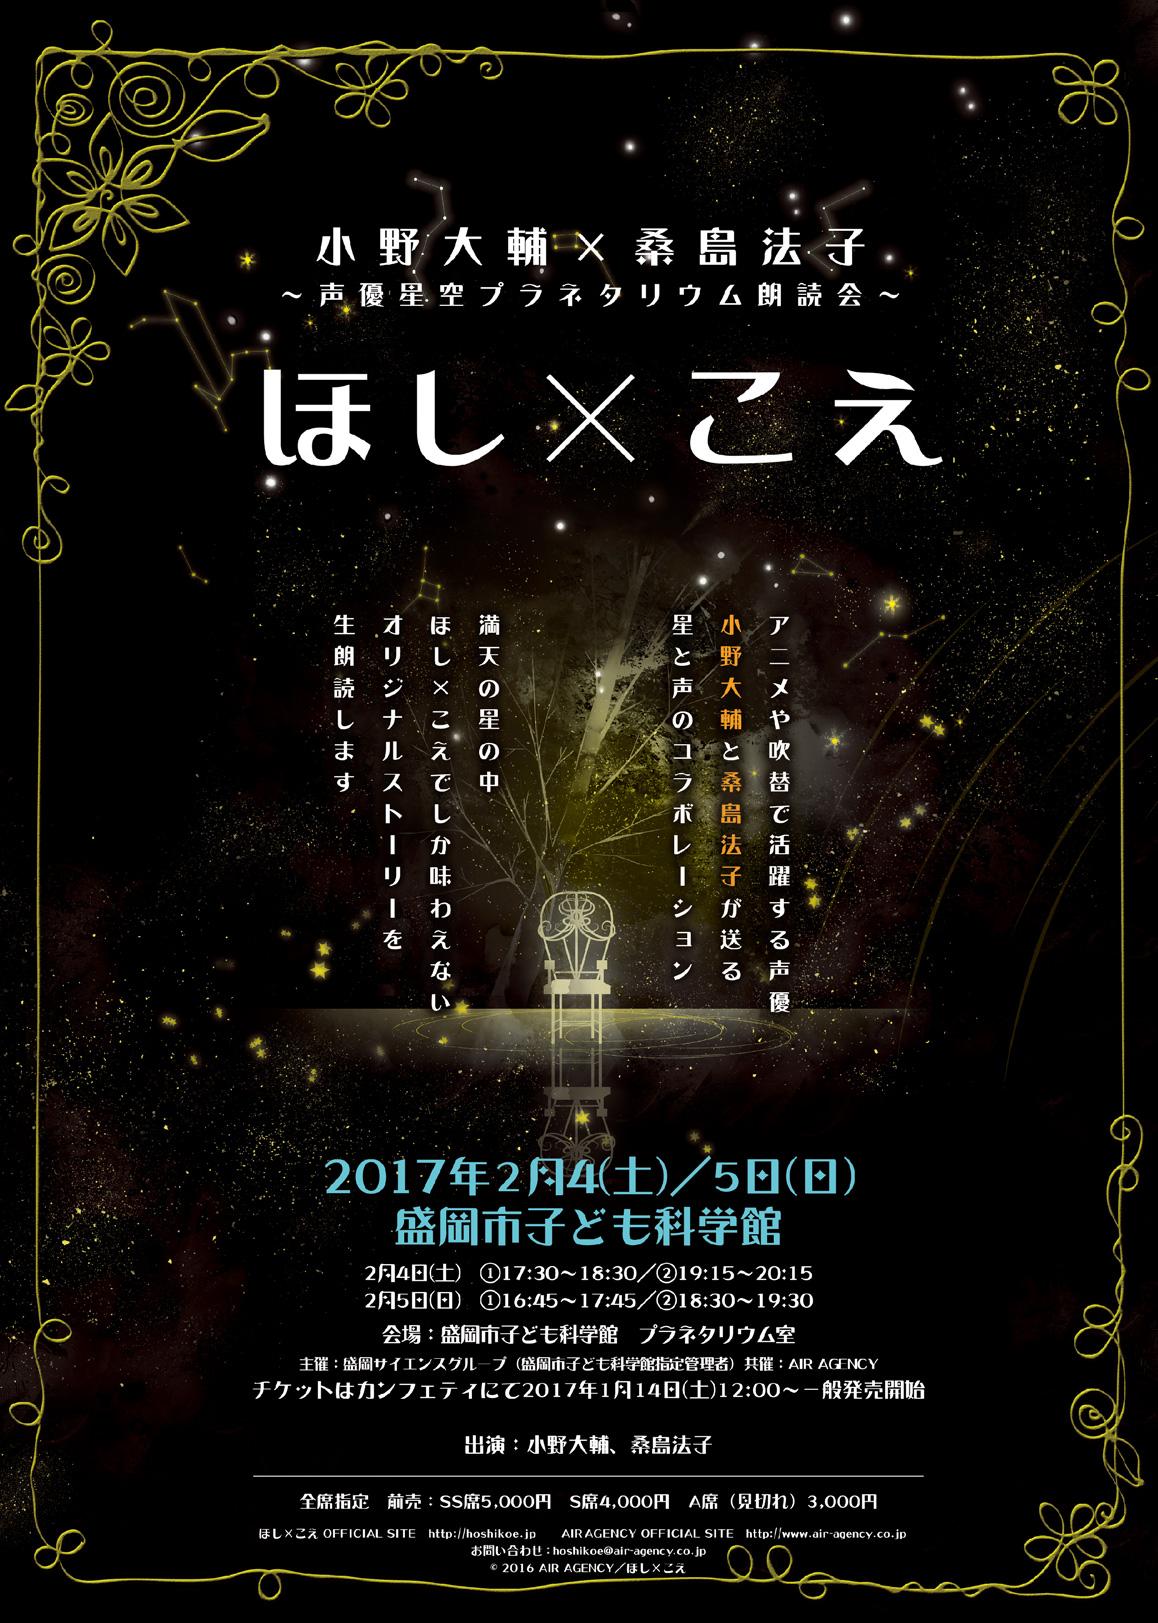 ほし×こえ【小野大輔×桑島法子】盛岡公演